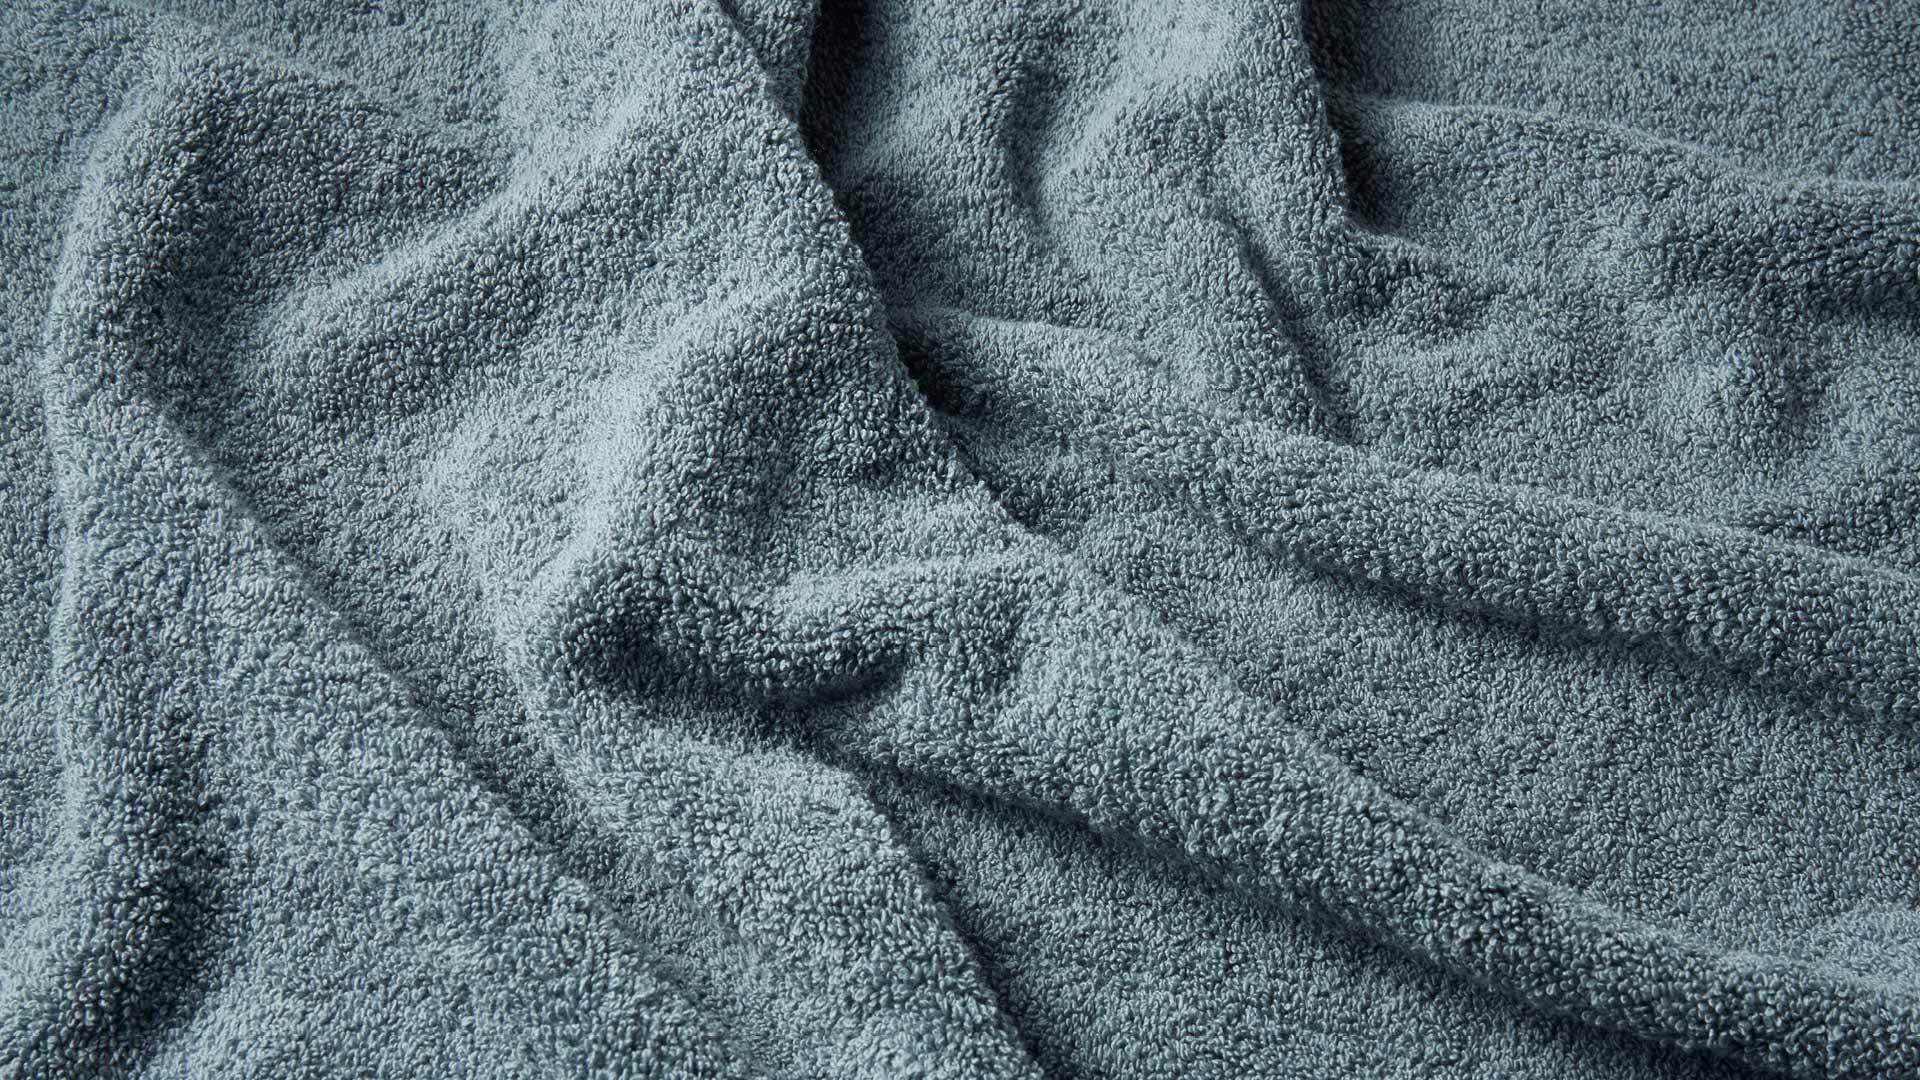 瞬间吸水,超越普通毛巾